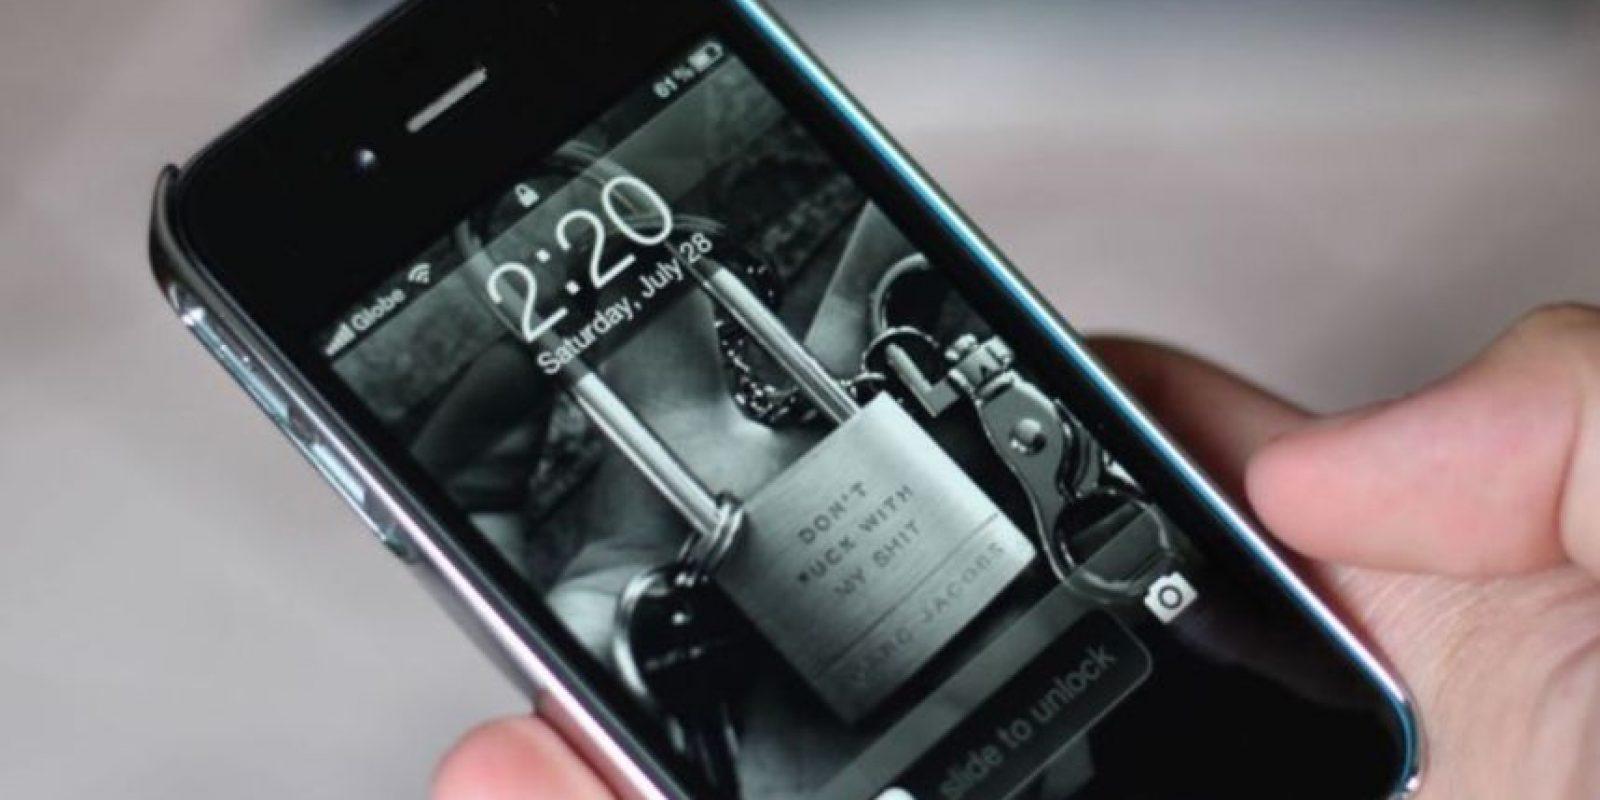 Las grandes empresas de tecnología quieren proteger a los usuarios. Foto:Tumblr